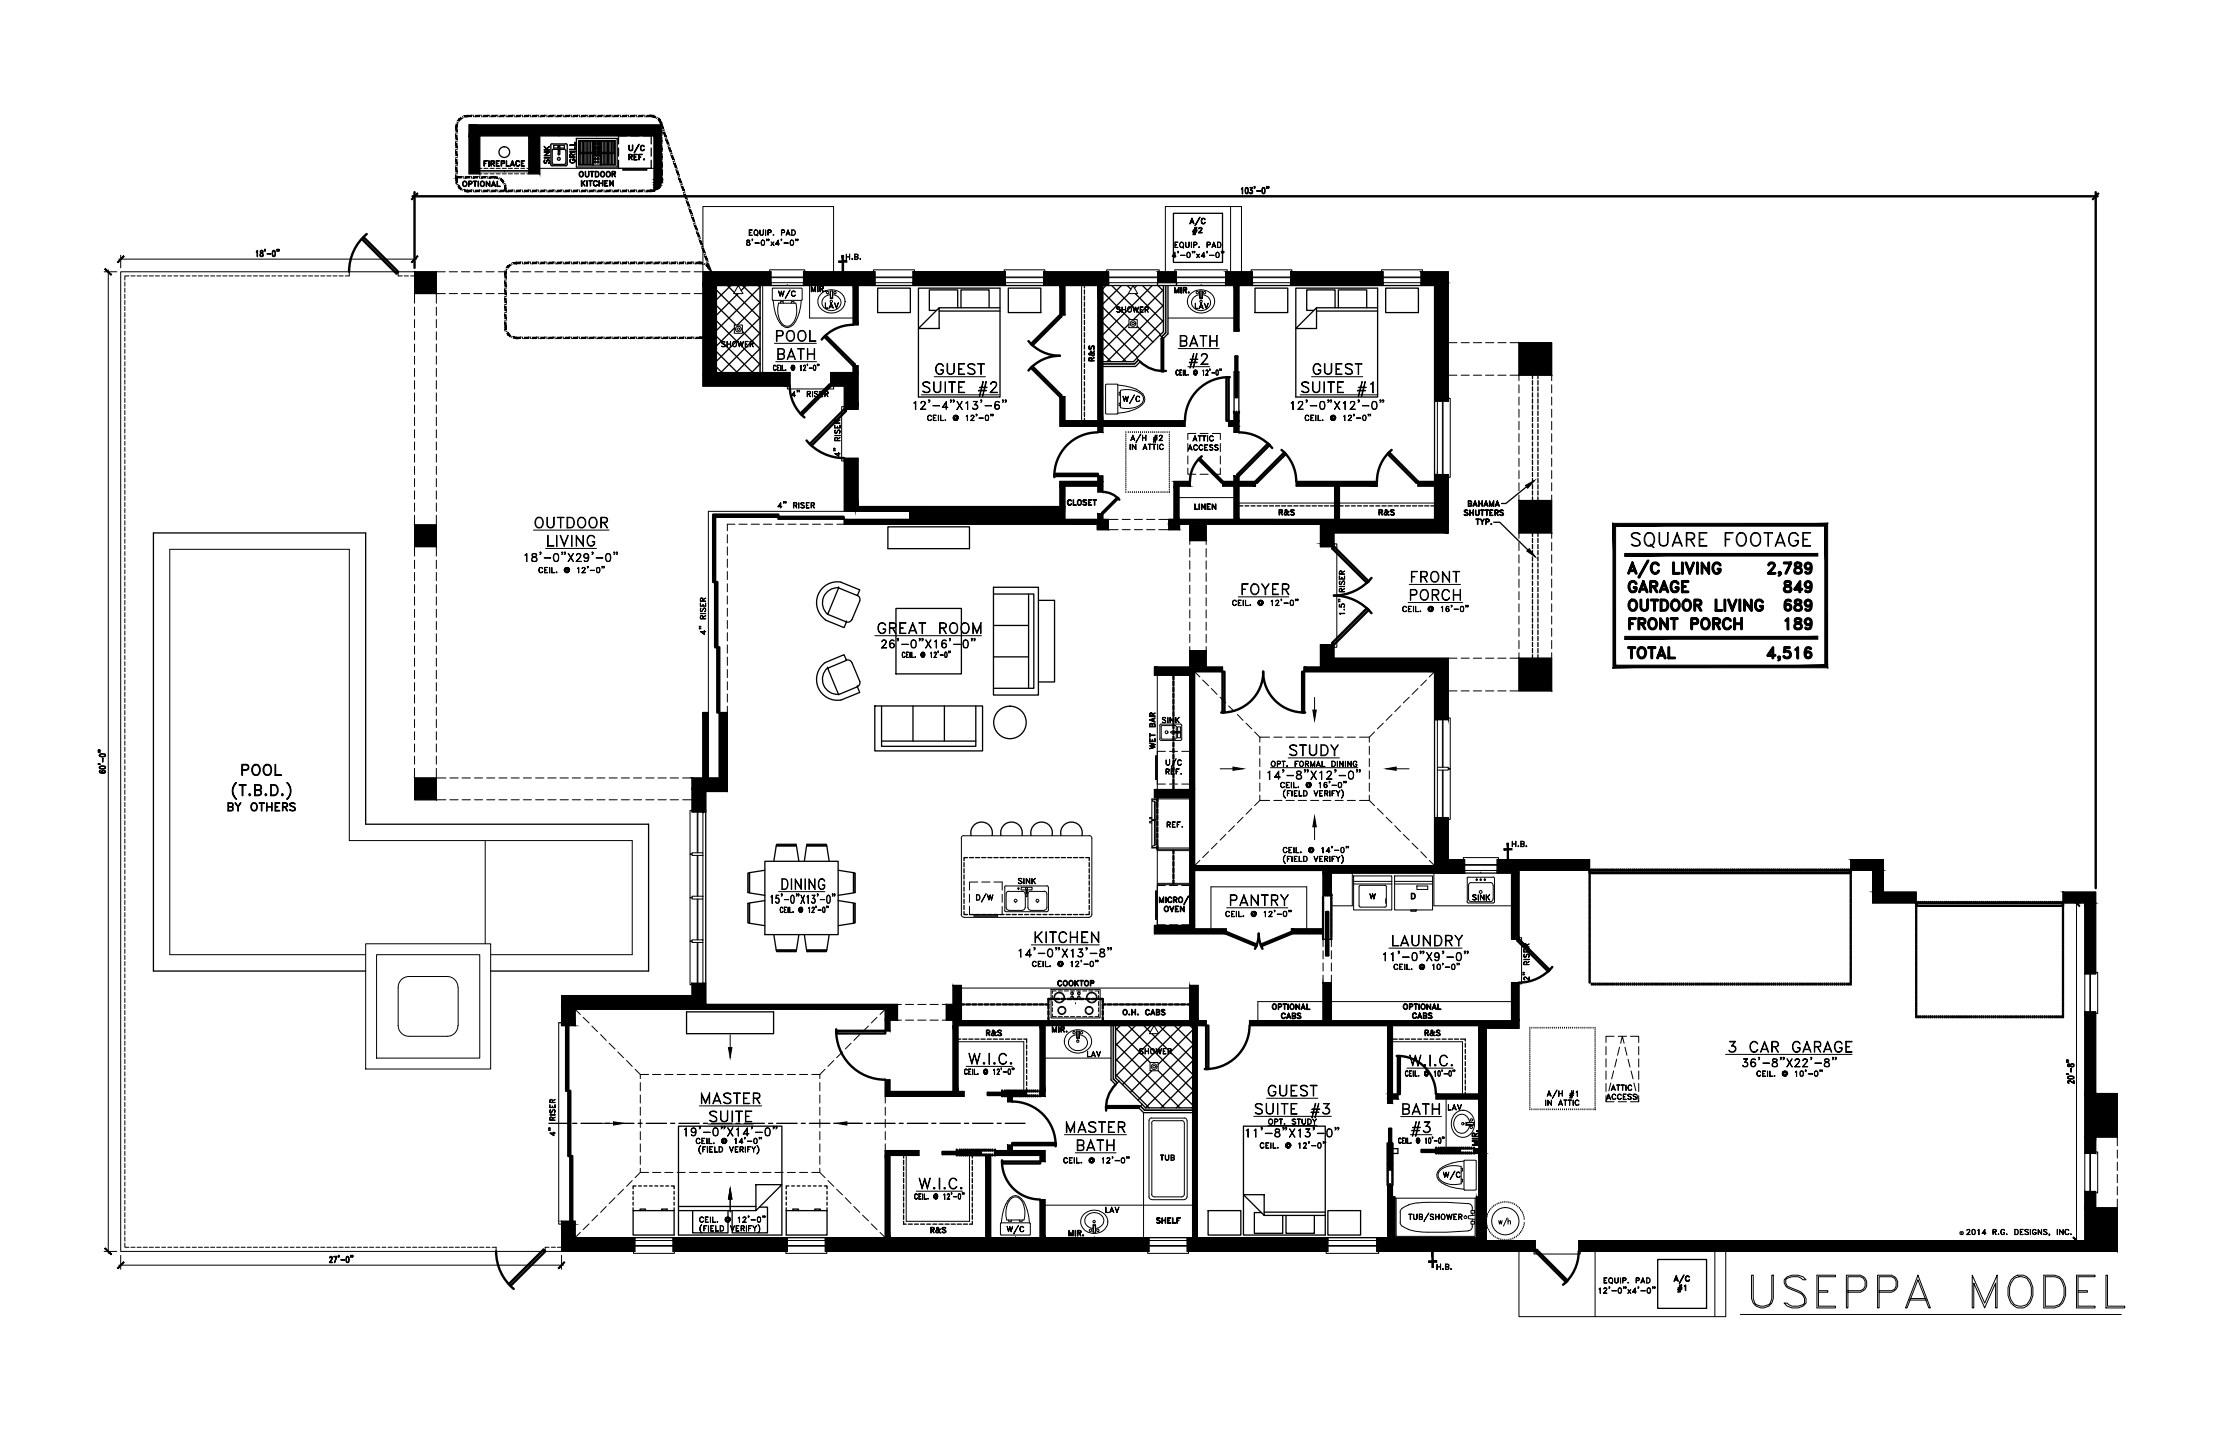 Useppa Floorplan